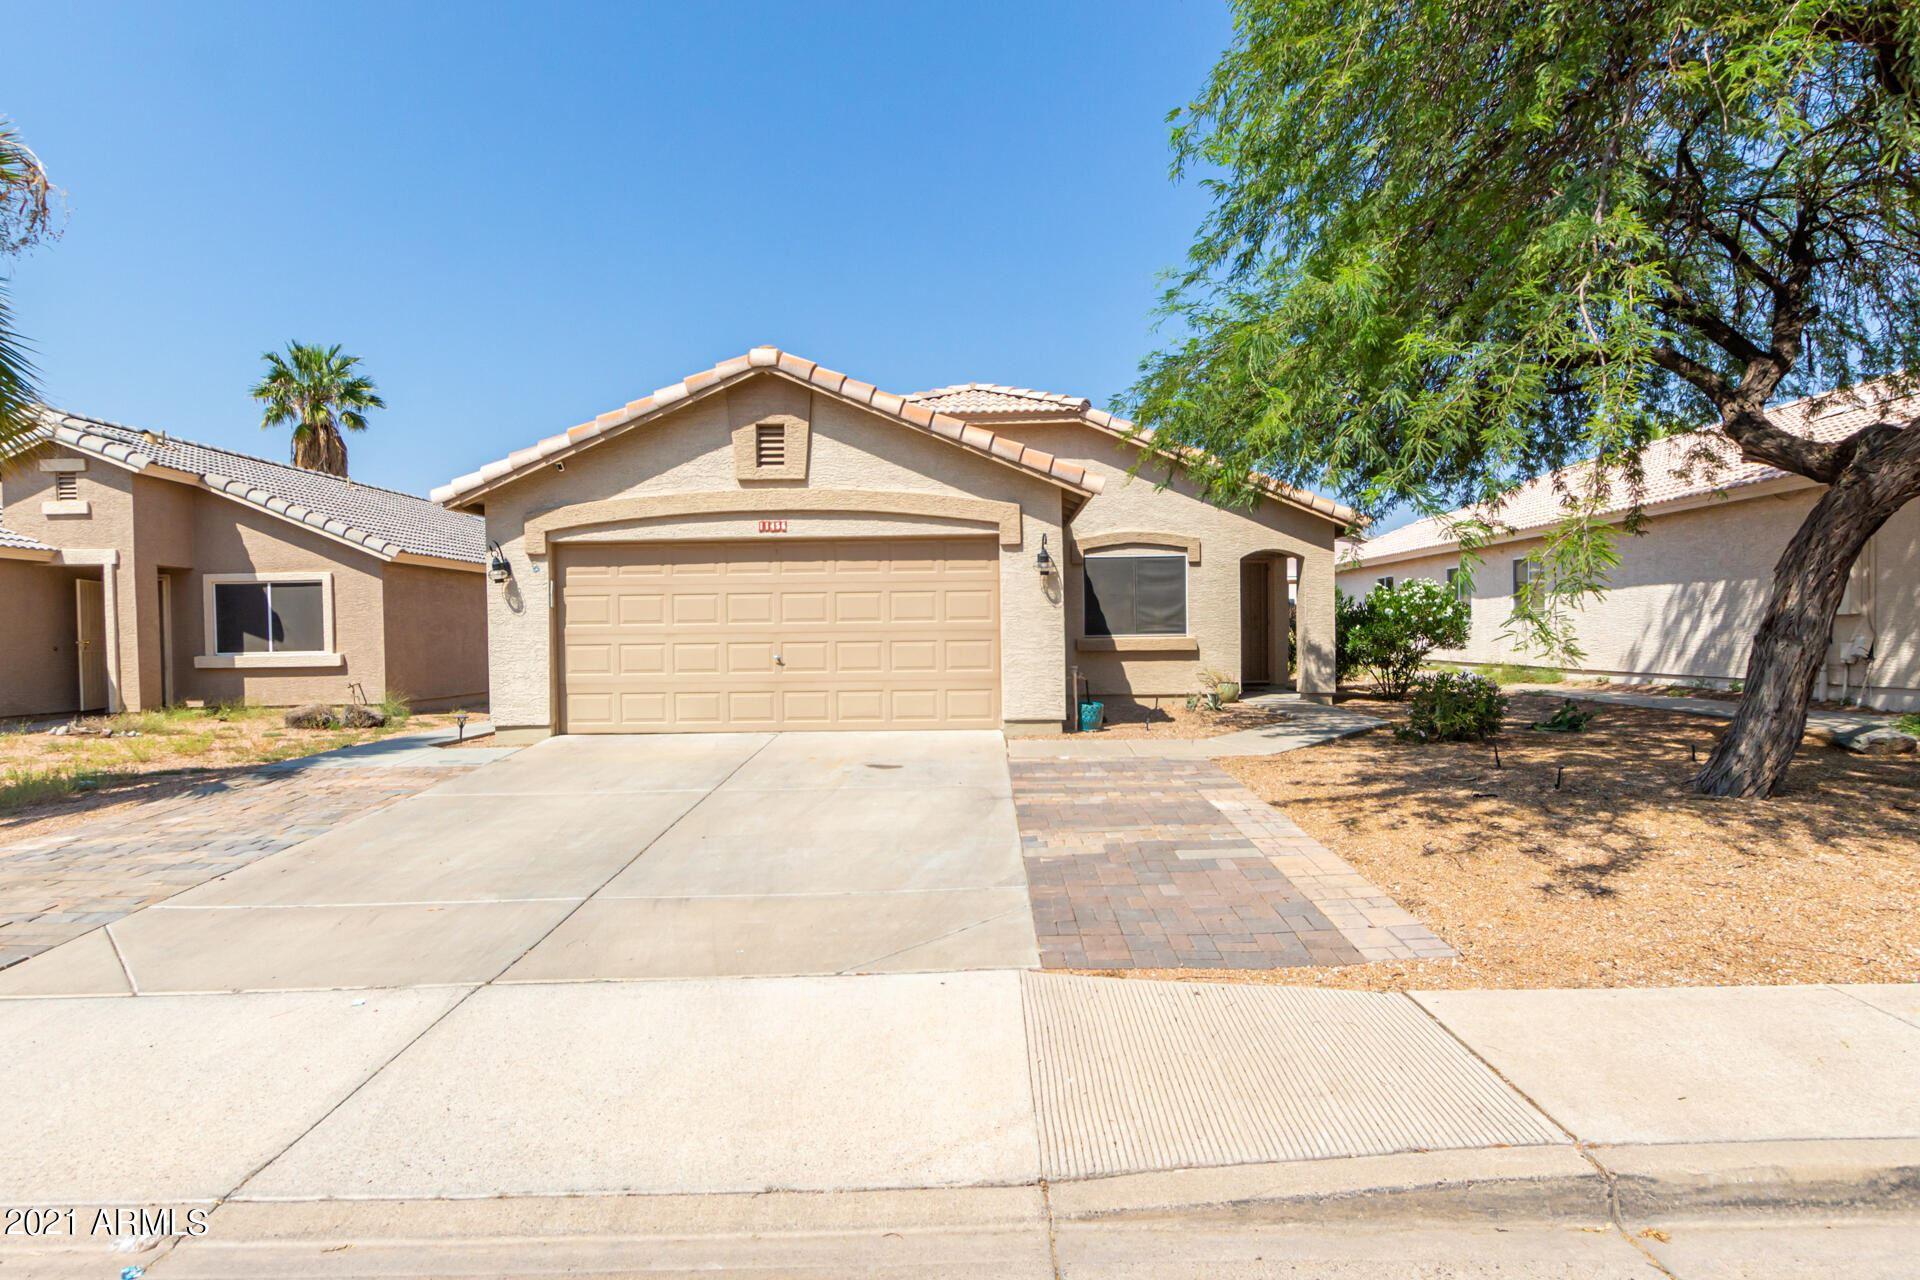 11456 E CABALLERO Street, Mesa, AZ 85207 - #: 6294670